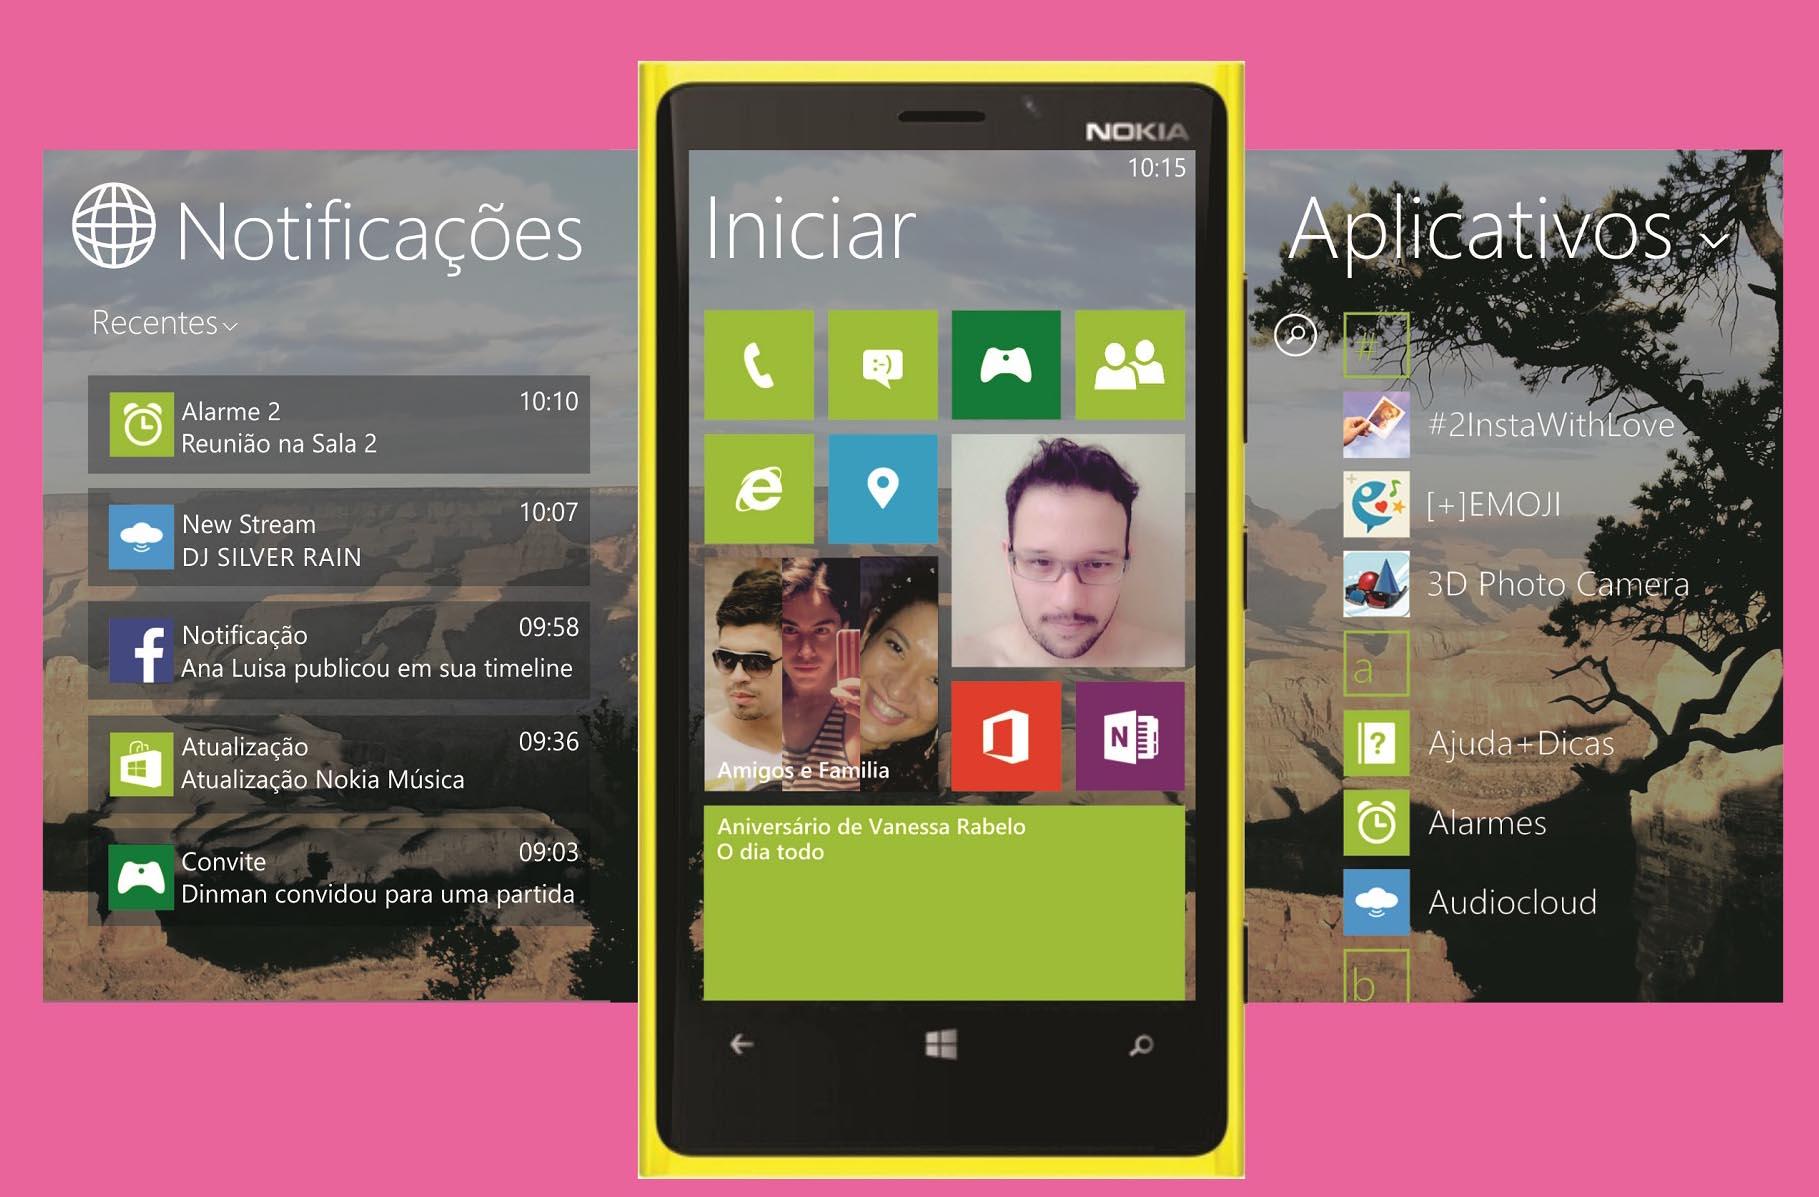 Minha visão da Nova Versão do Windows Phone 8.1 baseado nos va